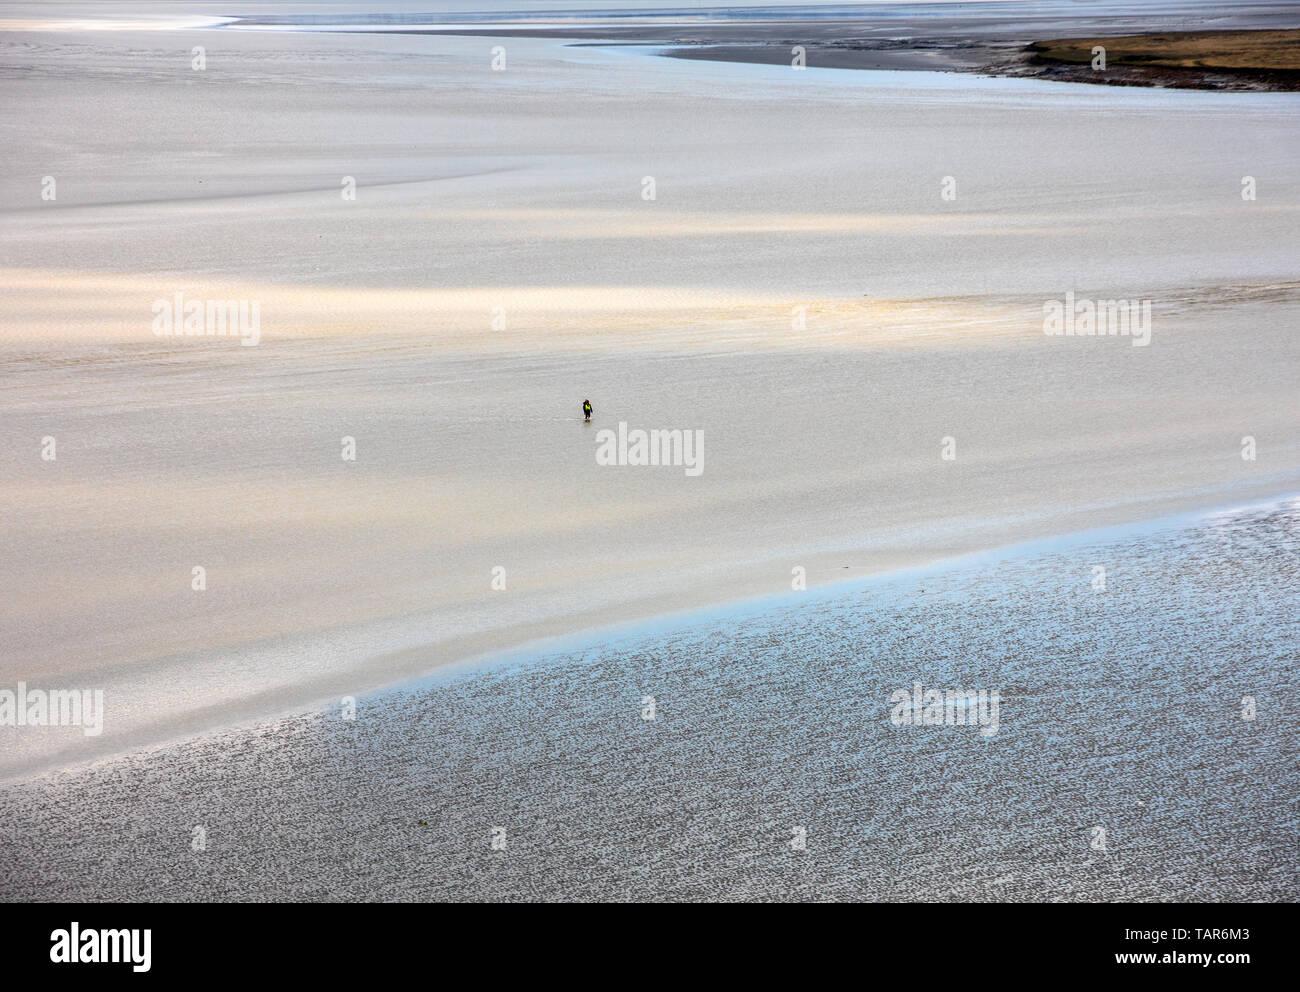 La marea baja en la bahía del Mont Saint Michel, en Normandía, Francia. Foto de stock